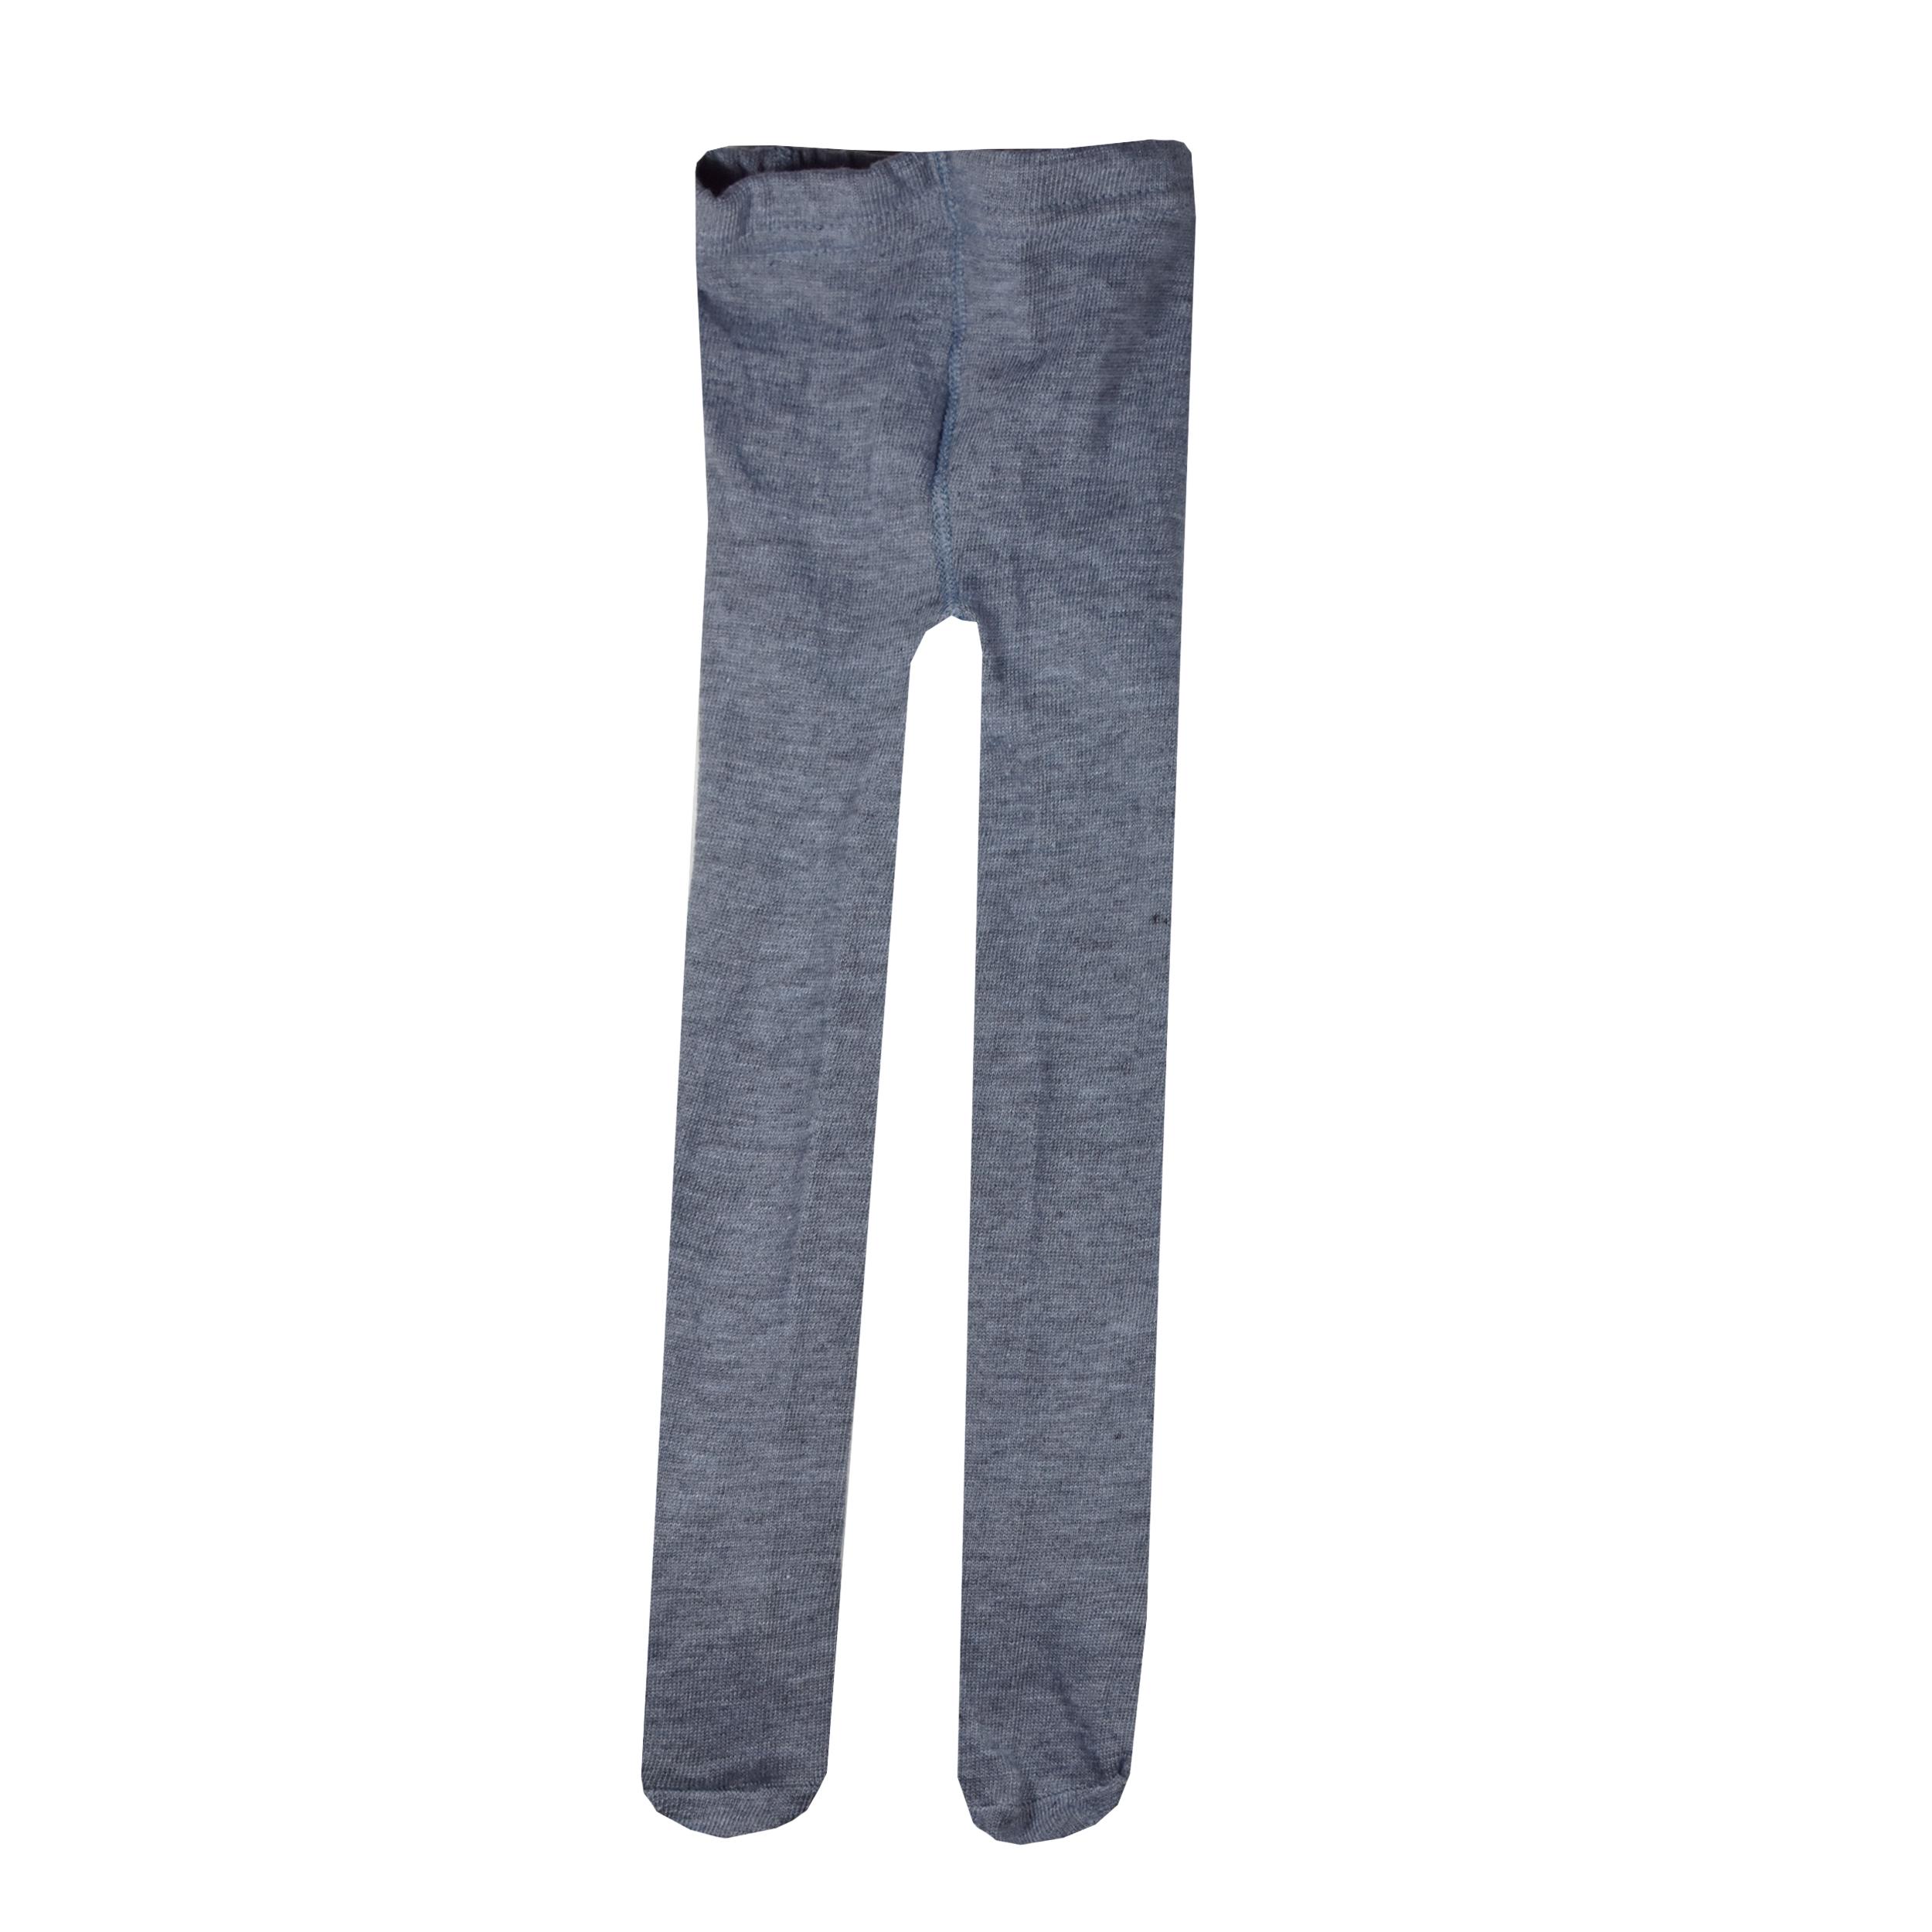 جوراب شلواری دخترانه پیناکو کد01